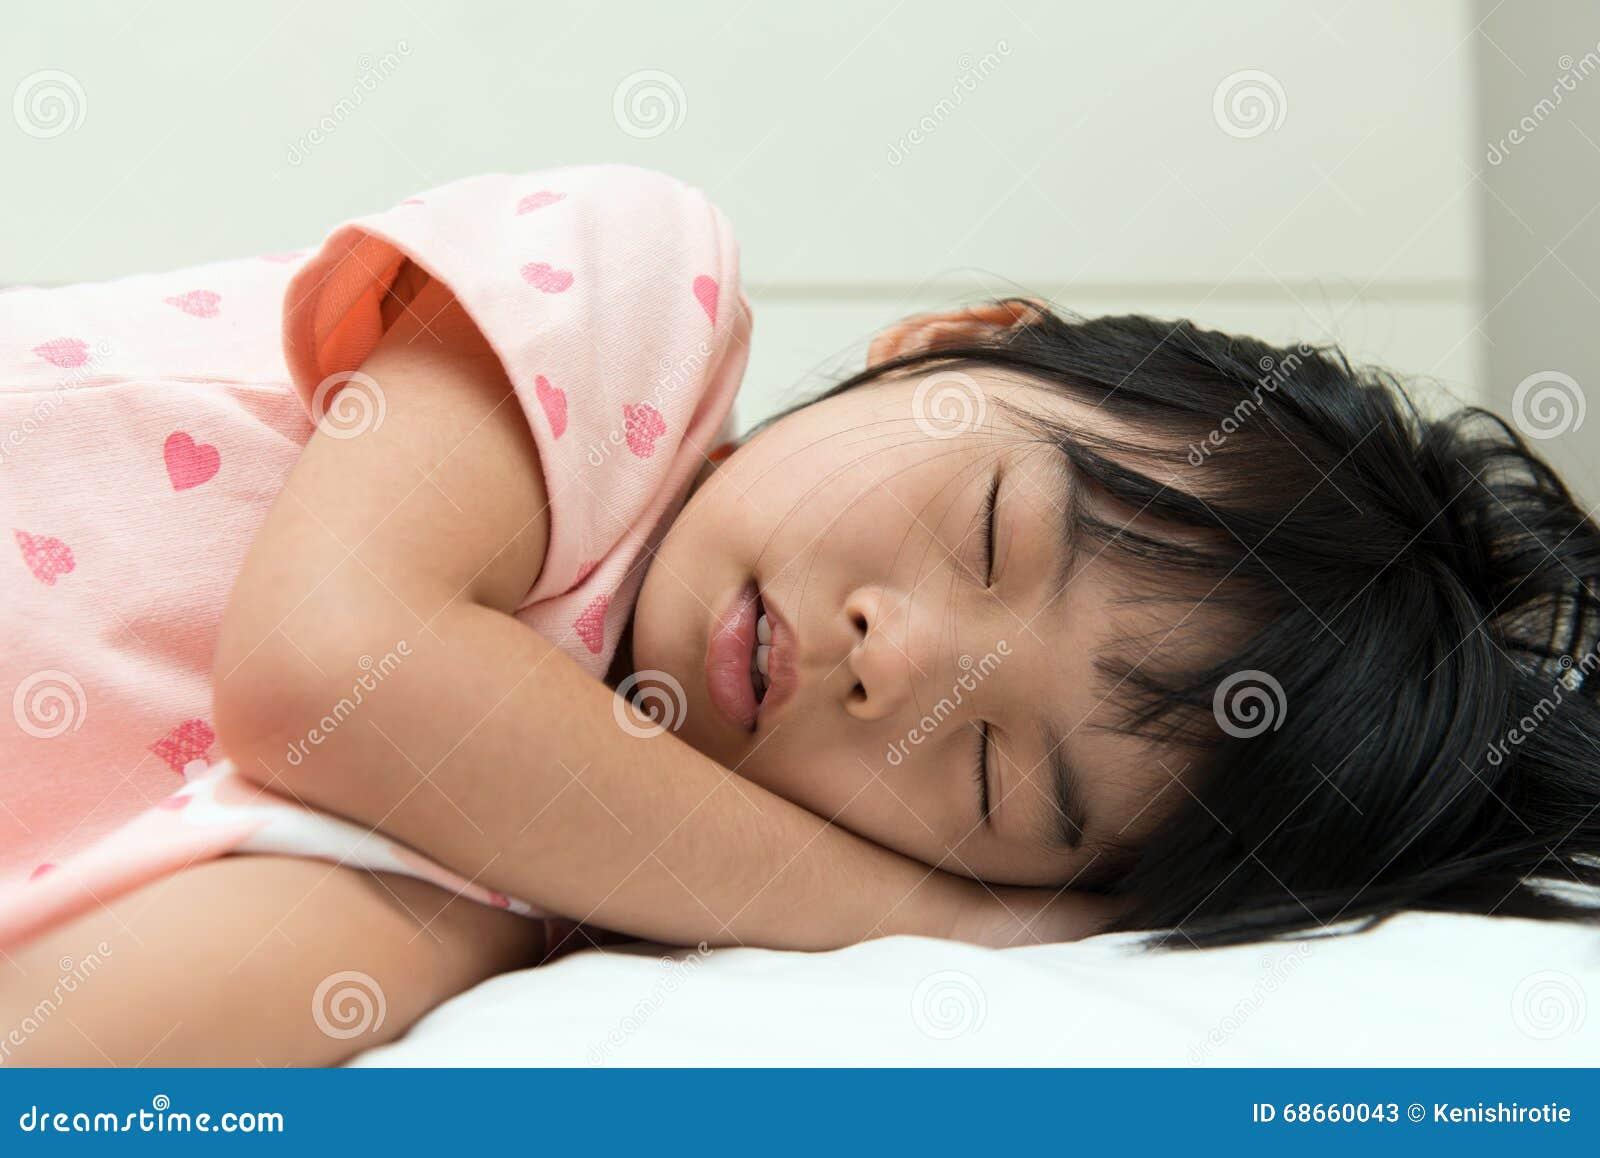 Трахнул красивую сестру пока она спала, У брата и сестры одна комната на двоих - видео ролик 19 фотография